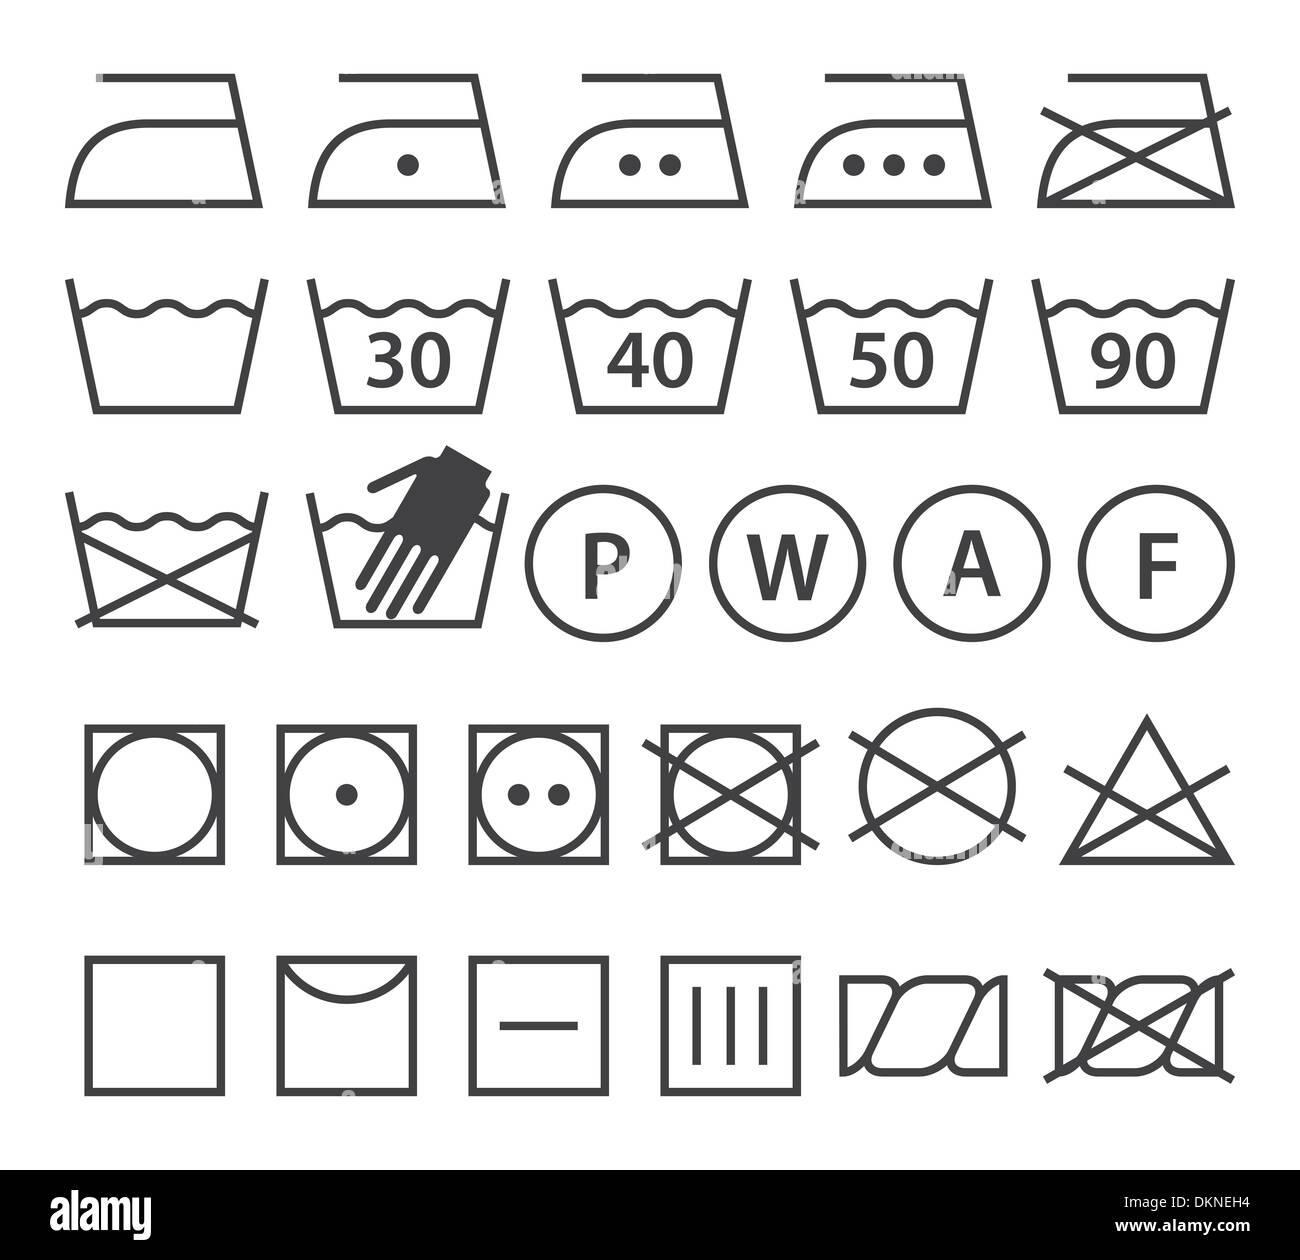 Set of washing symbols laundry icons isolated on white set of washing symbols laundry icons isolated on white background biocorpaavc Images